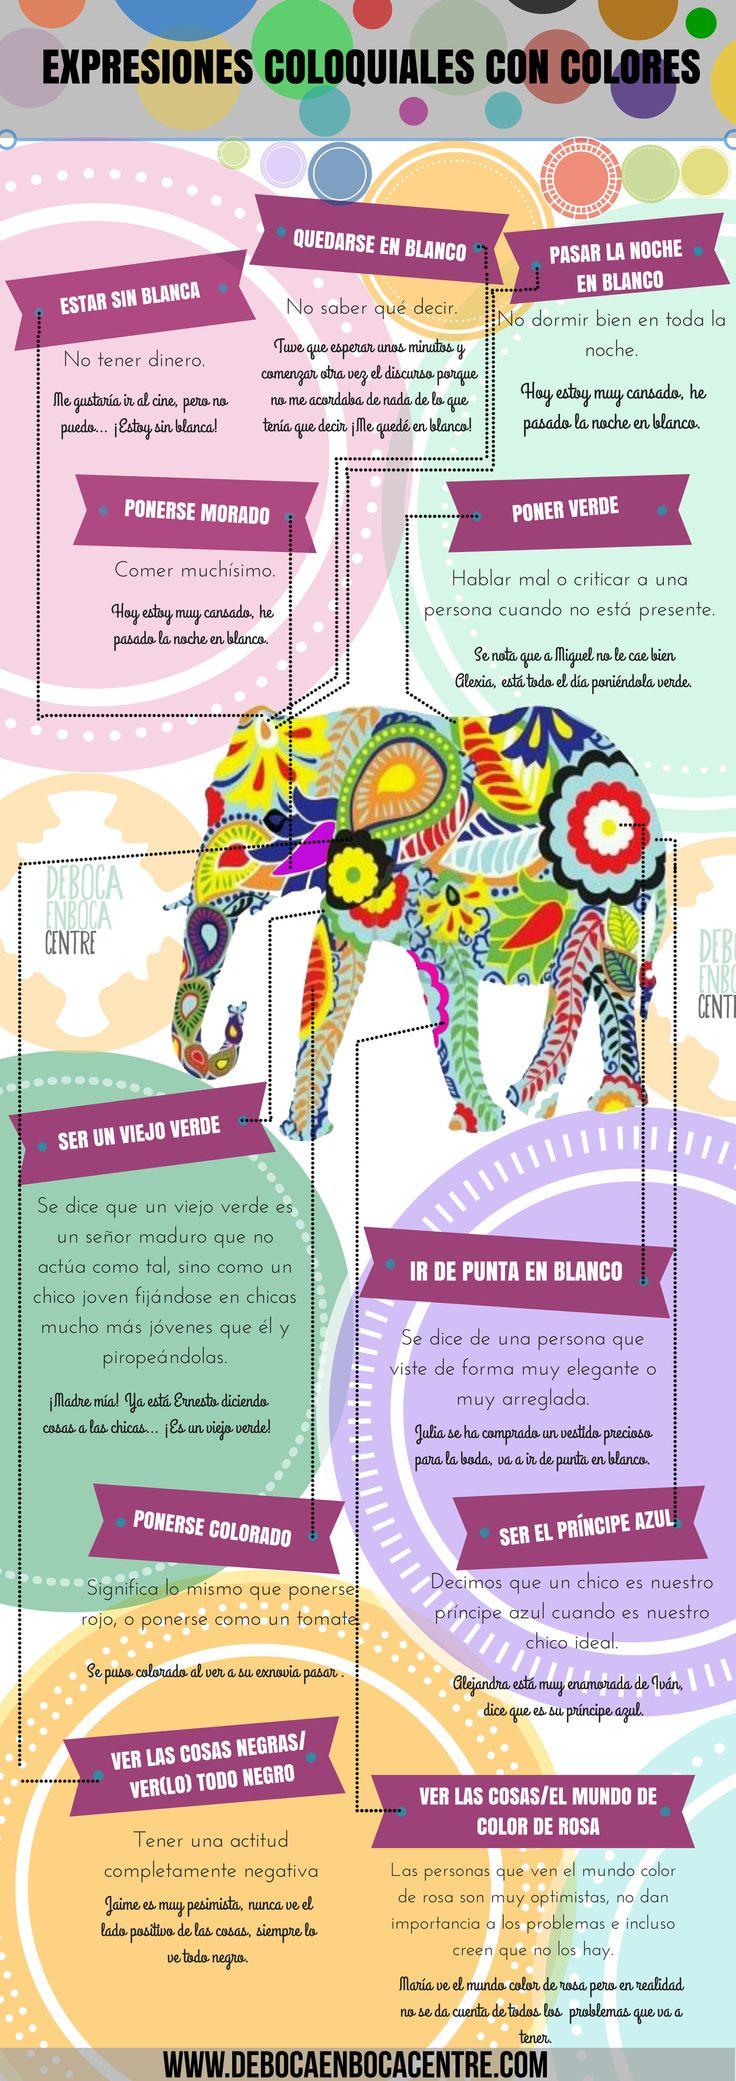 #Infografía de expresiones coloquiales con colores en #español.